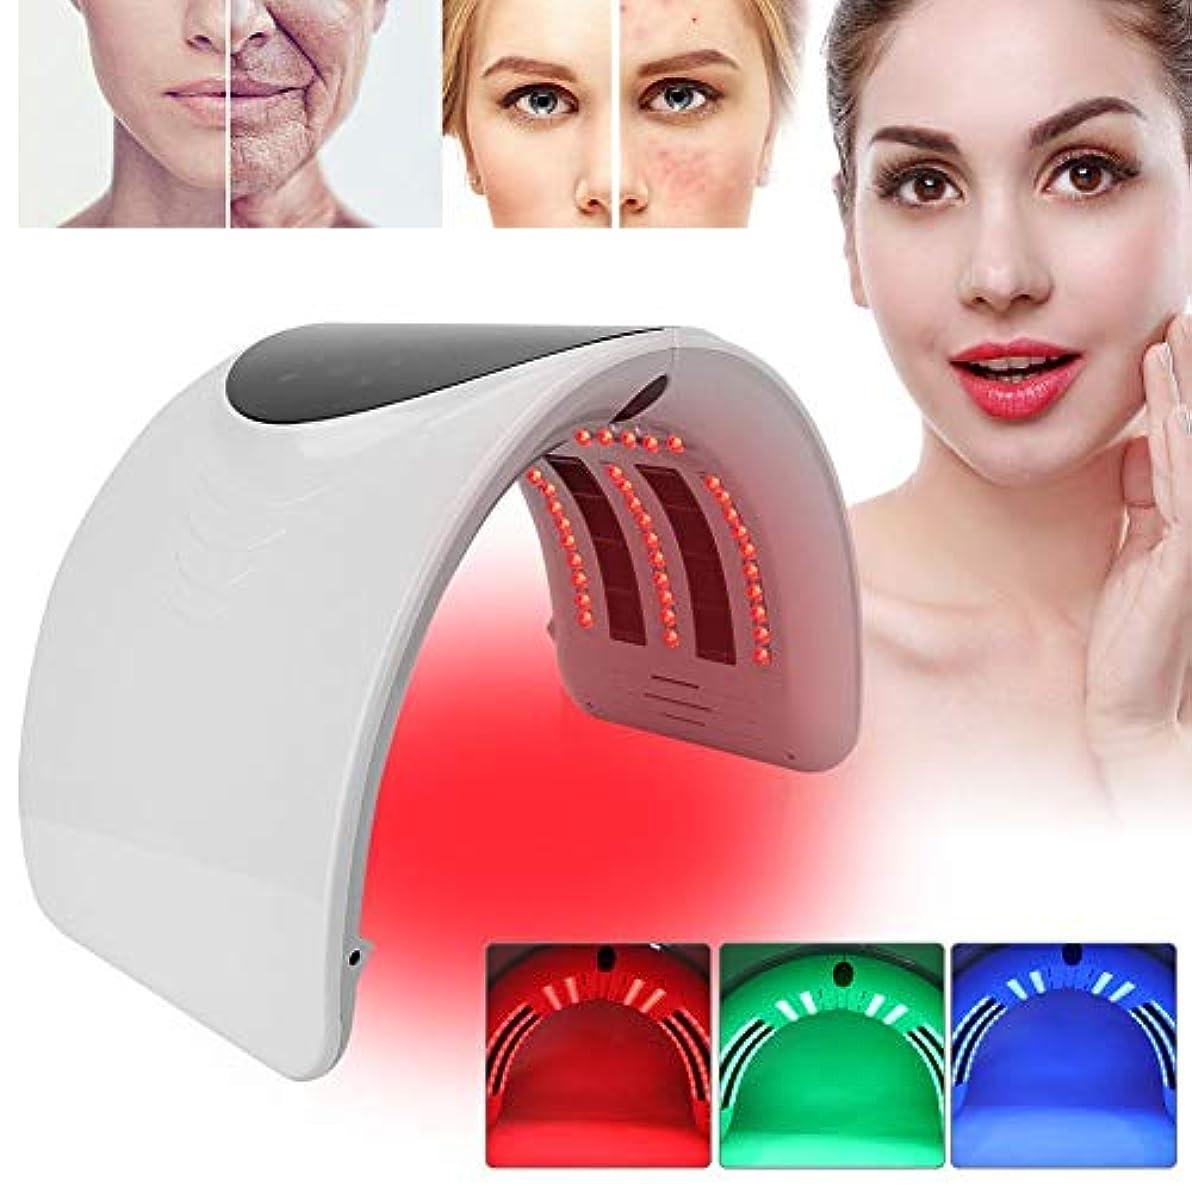 平らな限定着実に皮のより良い機械、光子の美機械は効果的にアクネの傷およびアレルギーの皮LEDの光子機械皮の美装置を改良します(US-PLUG)